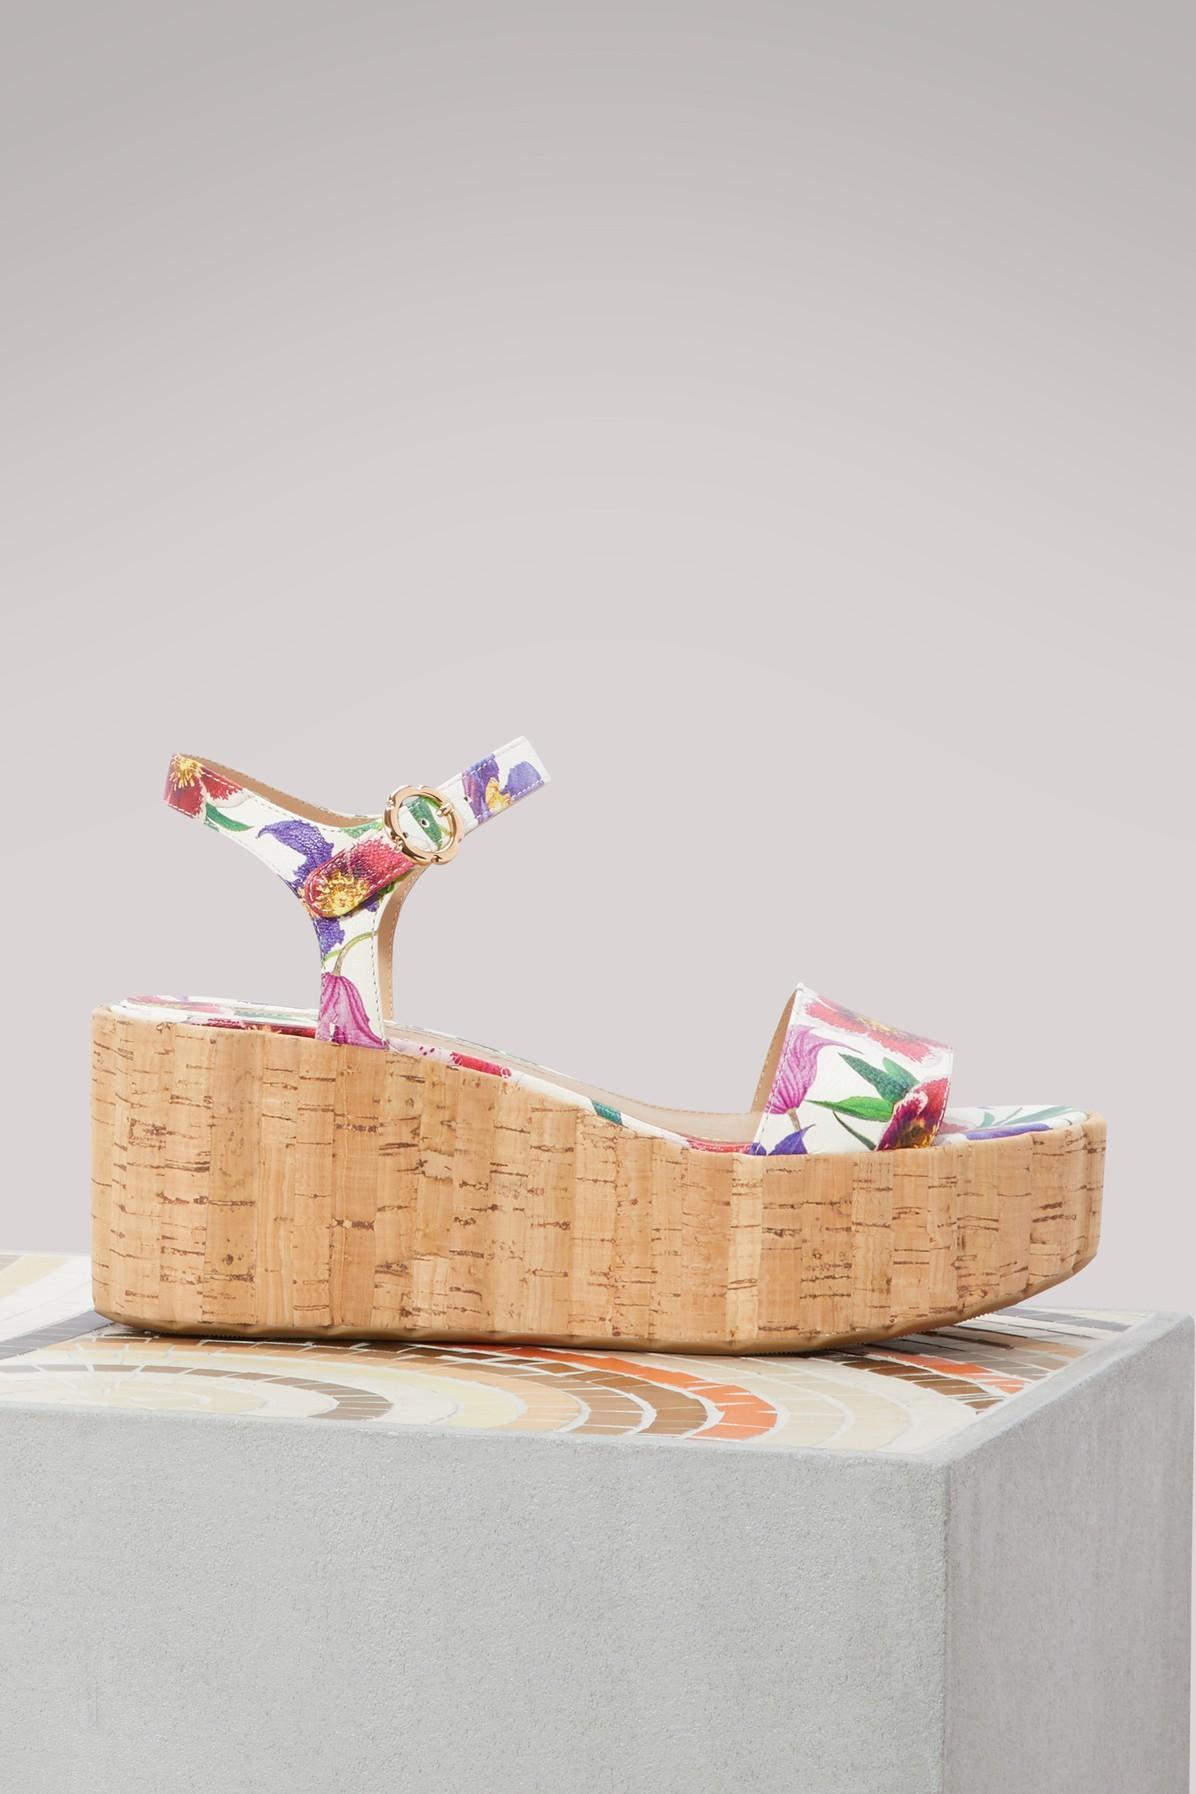 Salvatore Ferragamo Leather Platform Sandal In White/Multi